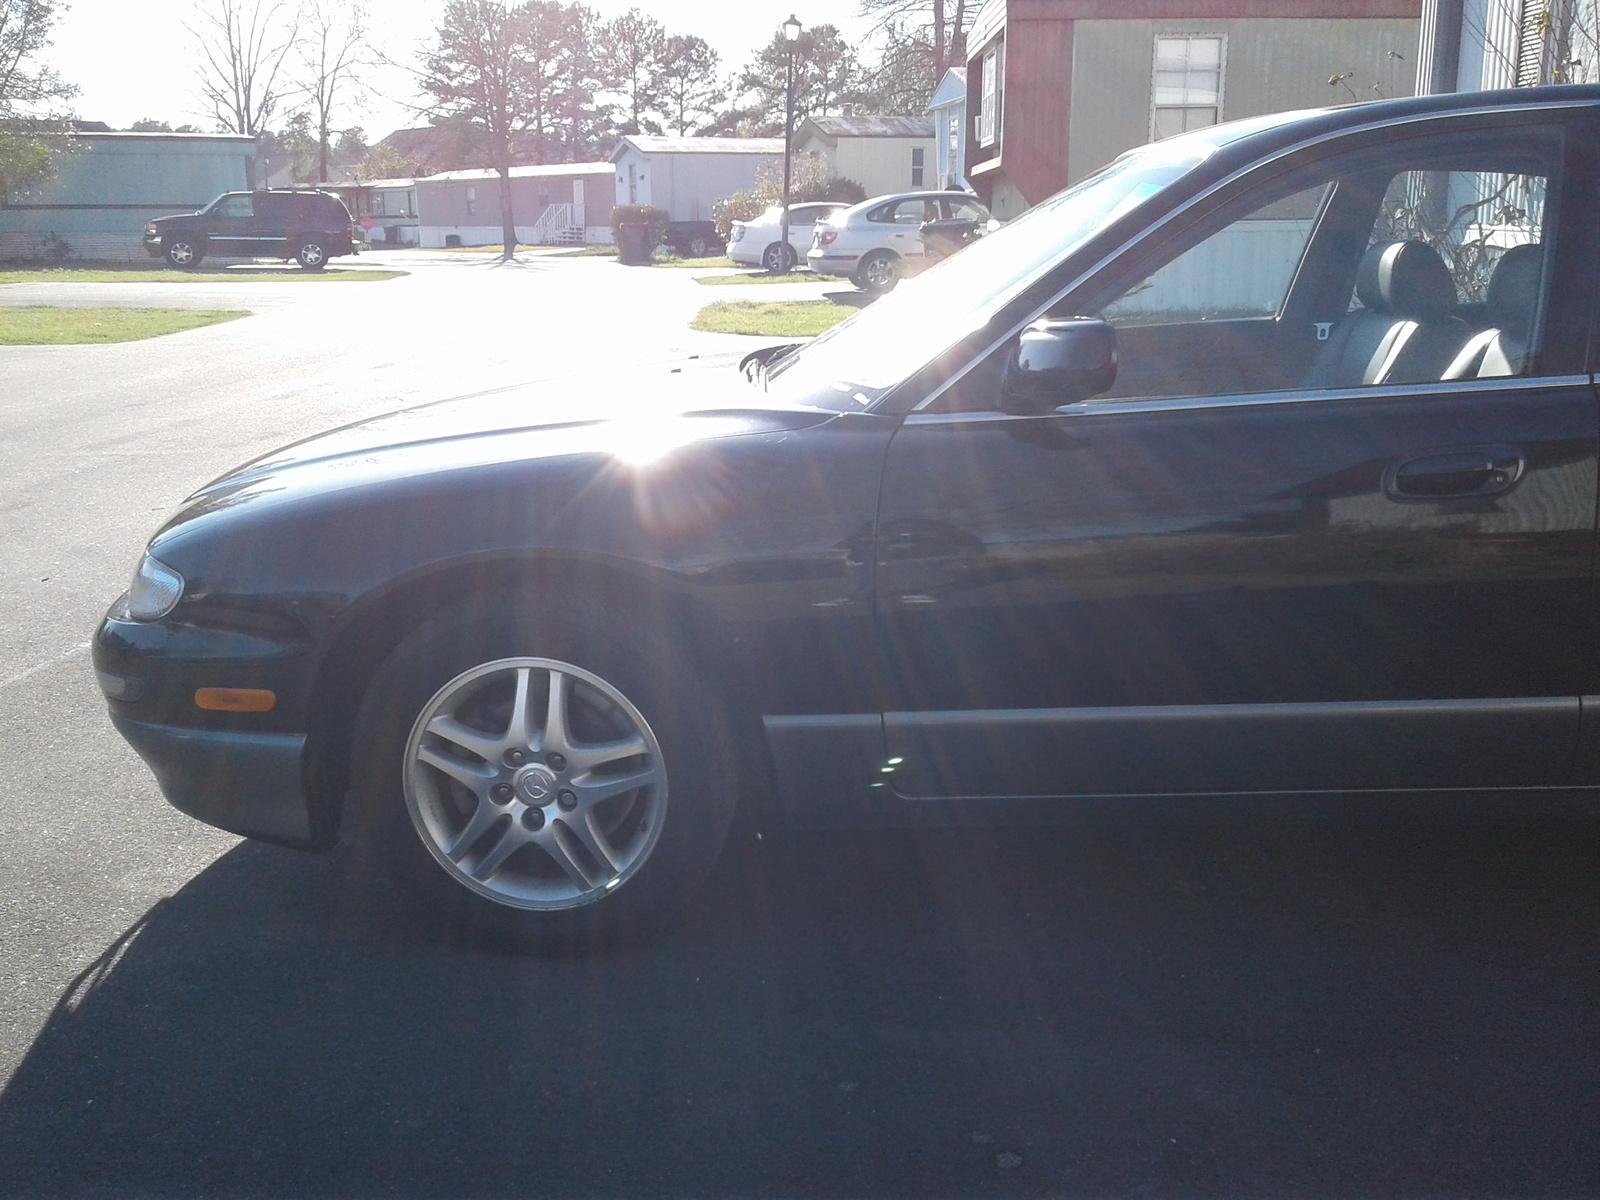 1999 mazda millenia test drive review cargurus 1999 mazda millenia test drive review